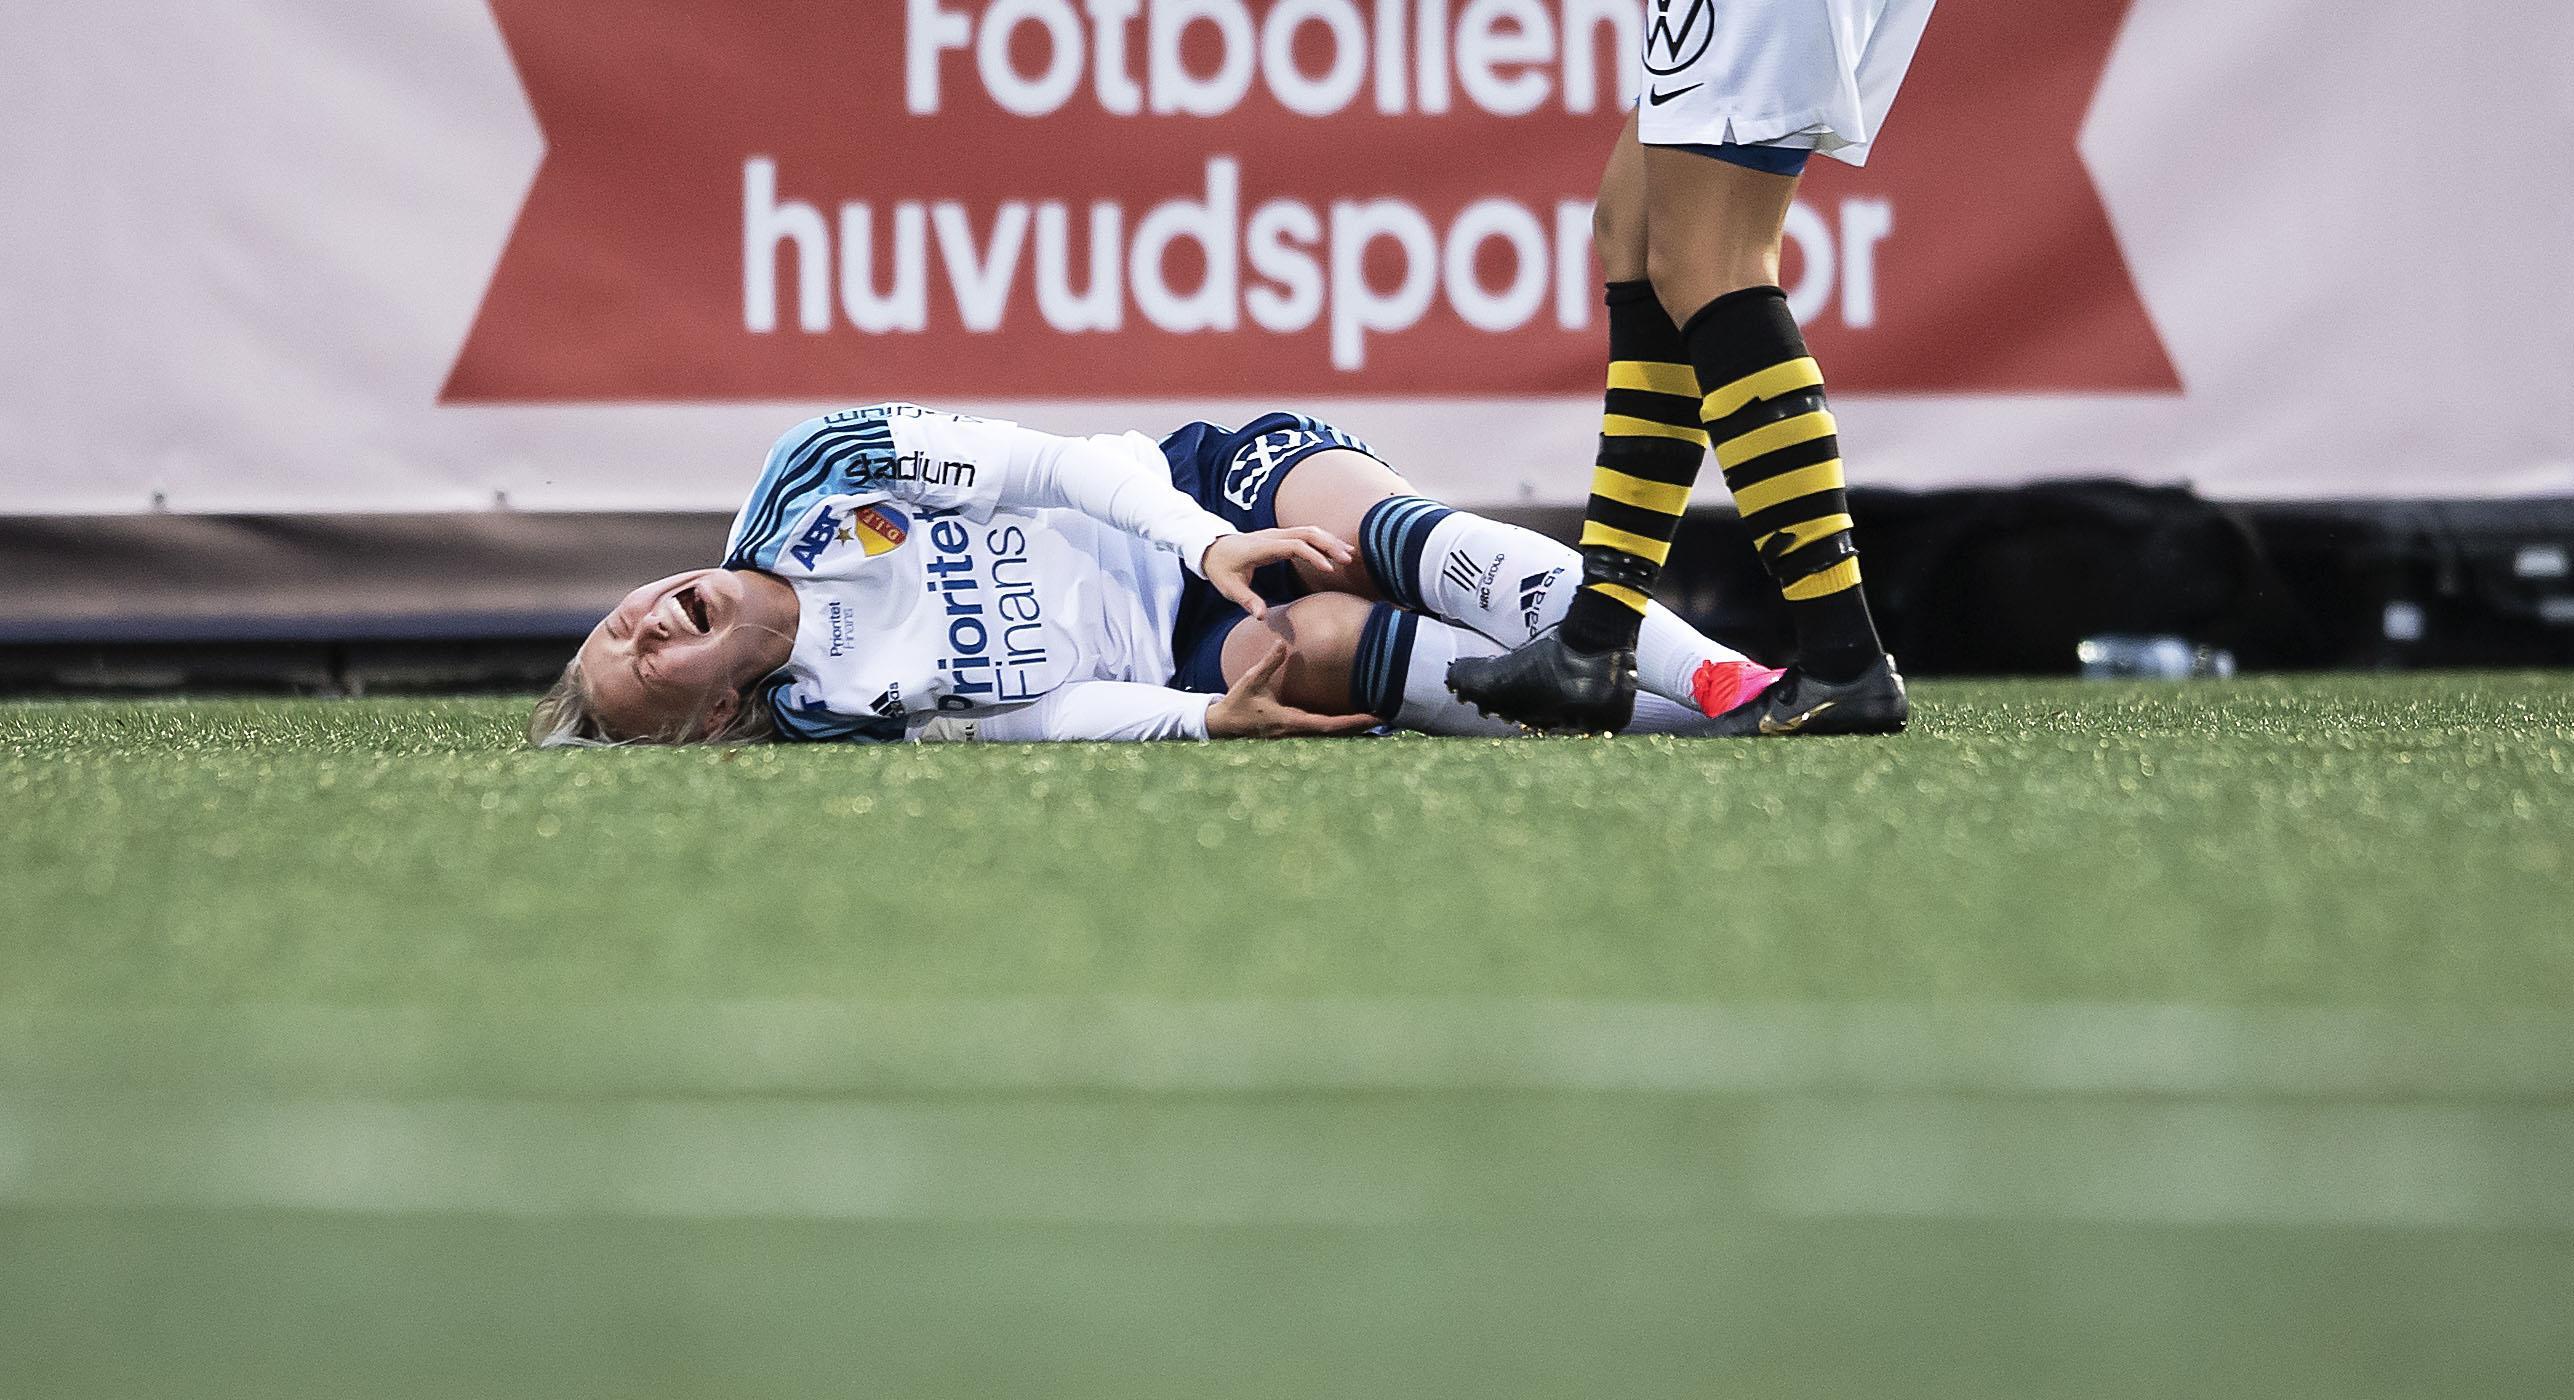 """Djurgårdens nyförvärv korsbandsskadad - missar resten av säsongen: """"Känner mig helt tom"""""""